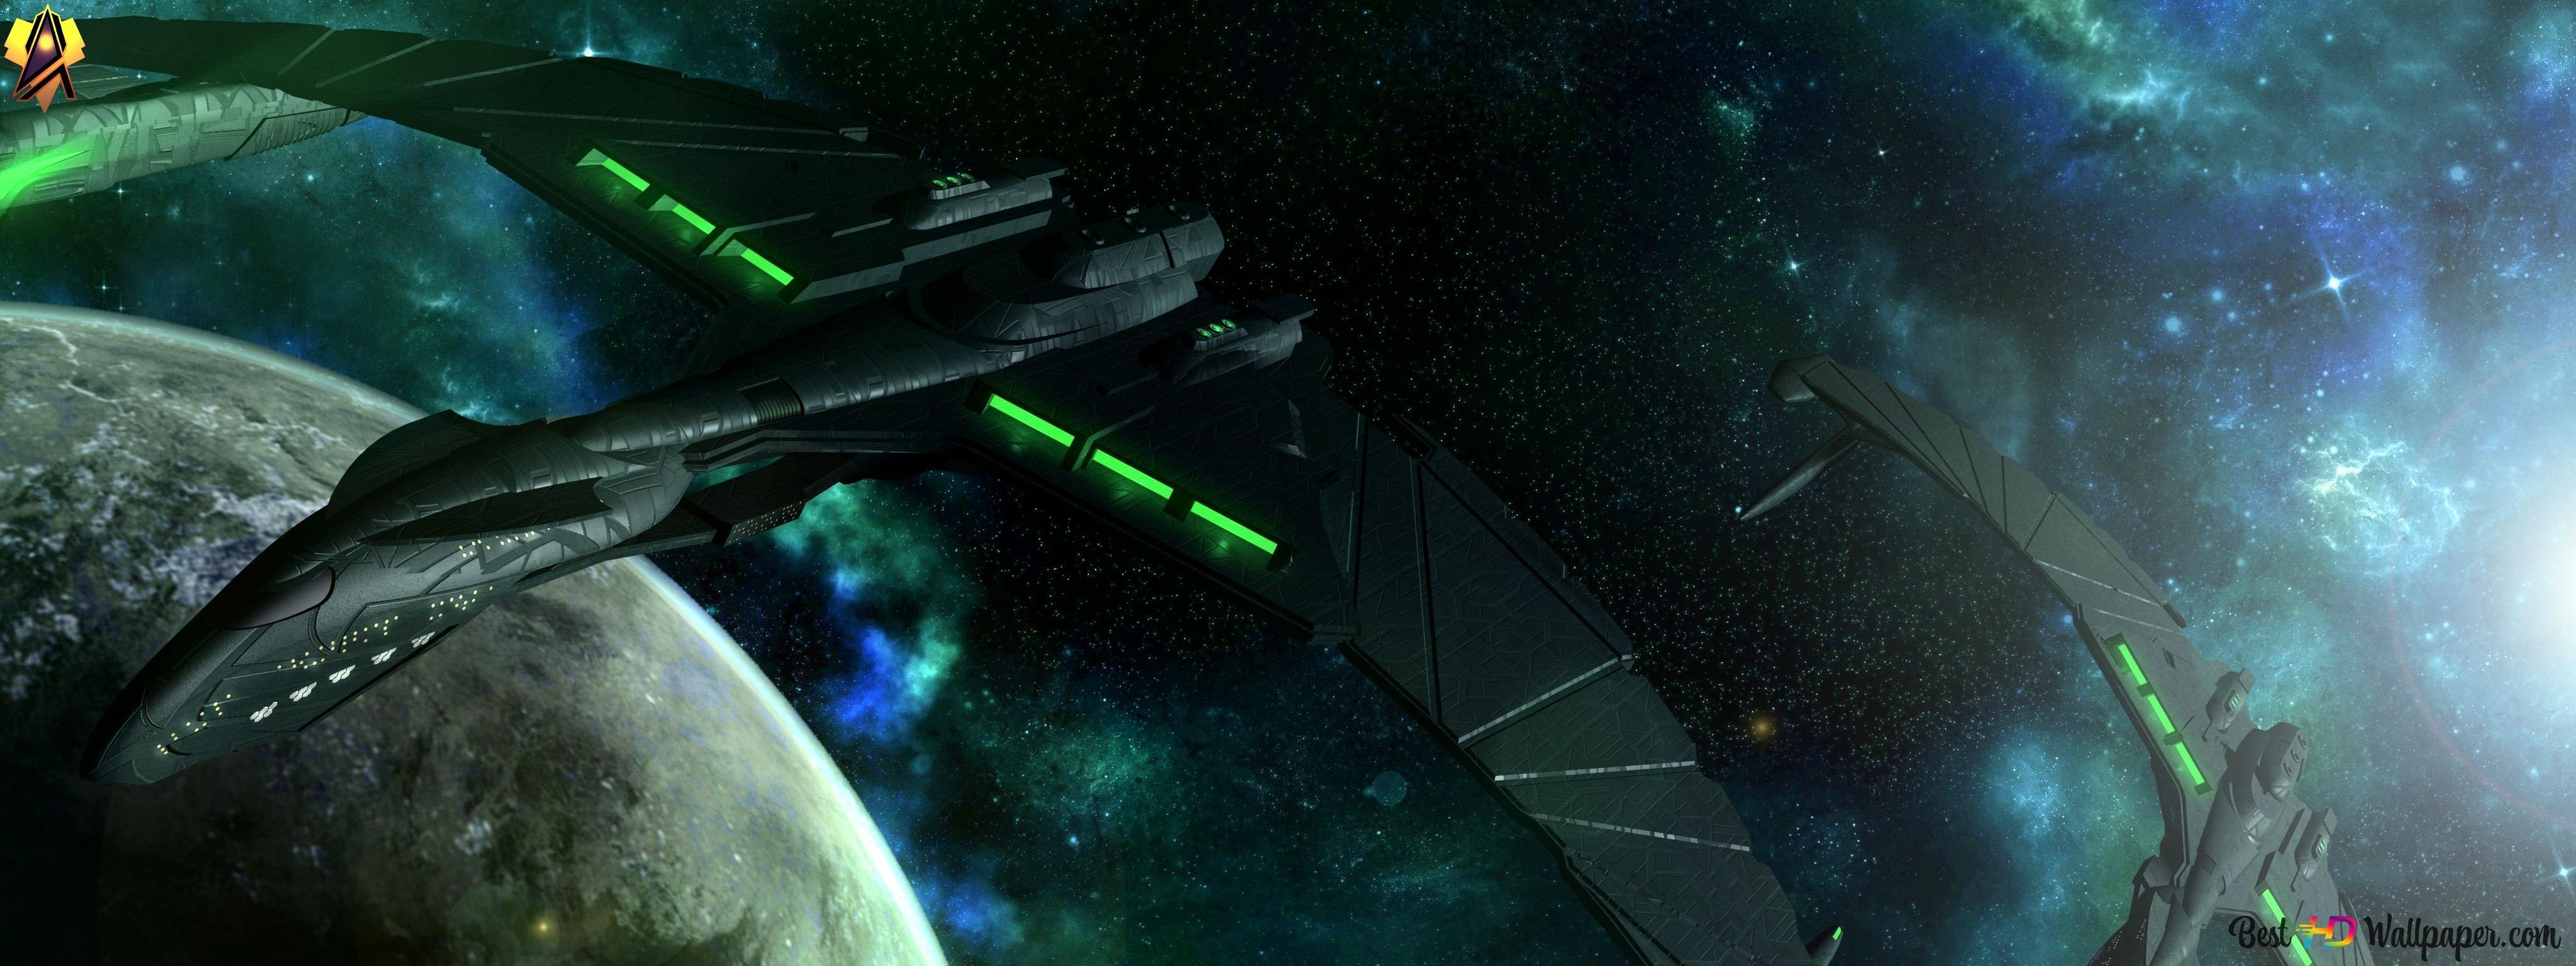 Star Trek Nemesis Hd Wallpaper Download